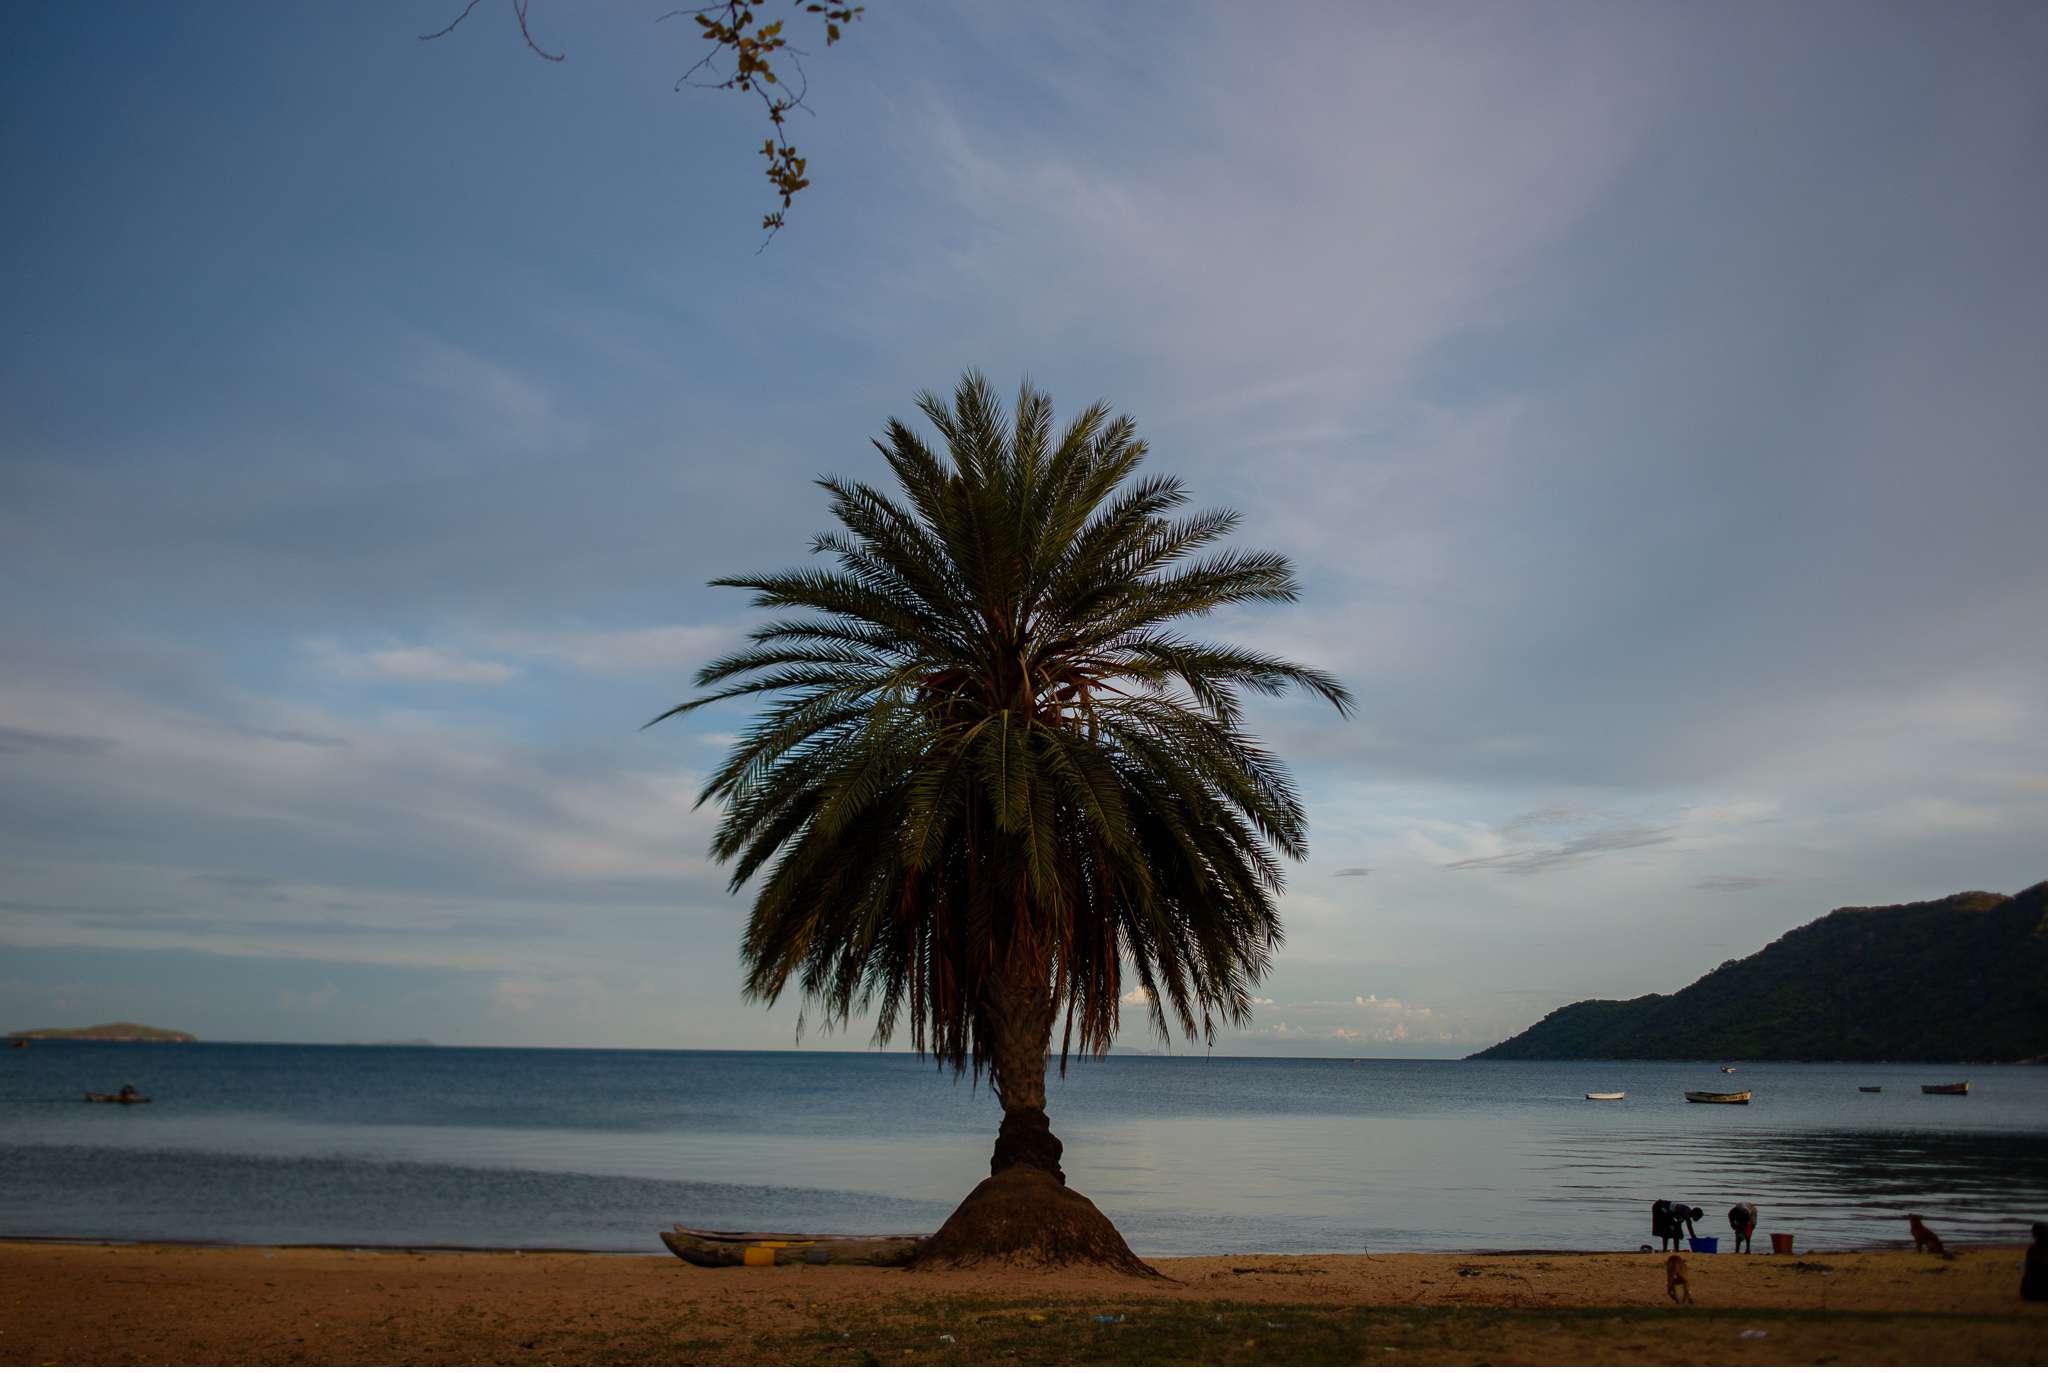 Malawi-Quer durch Afrika- Geschichten von unterwegs by Marion and Daniel-54